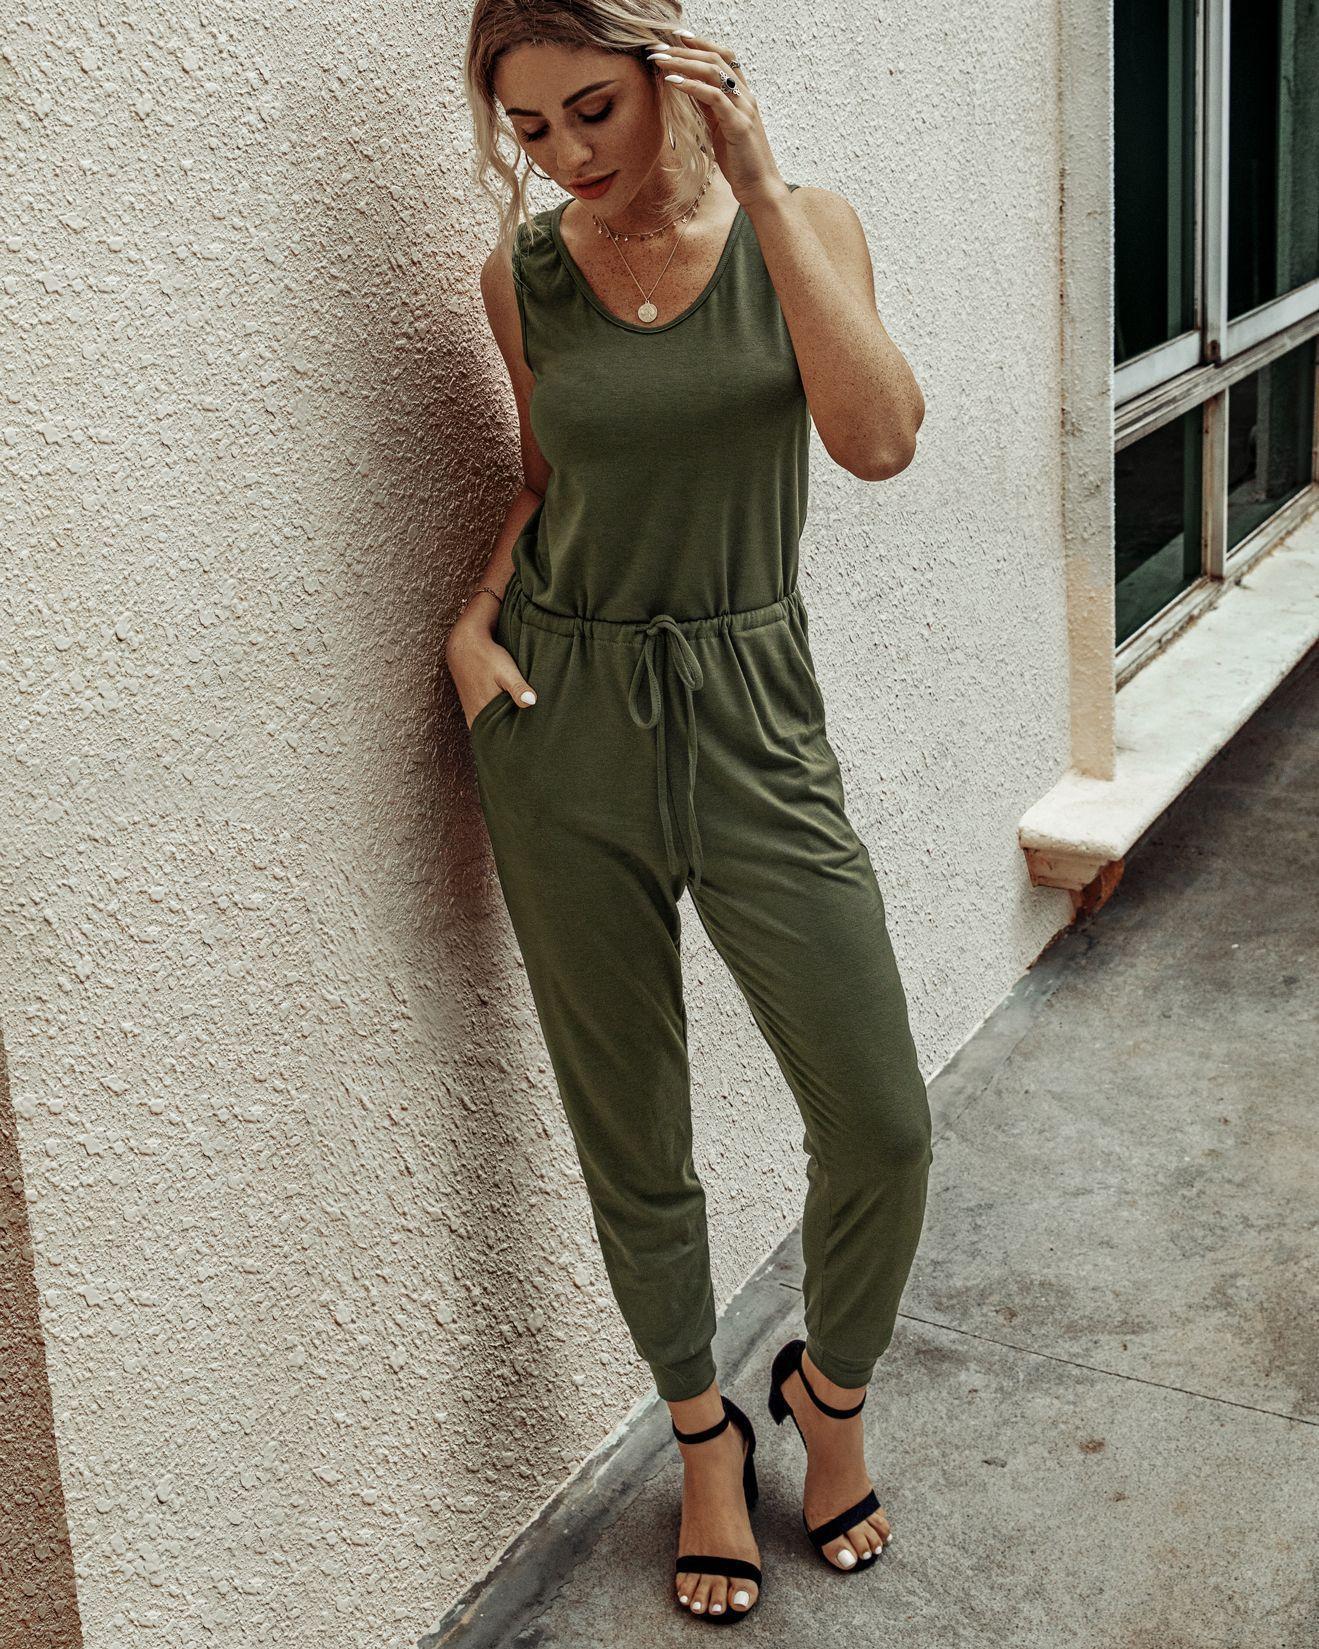 Best Selling 2020 Moda rotonda estiva Neck Vest Lace-up delle donne solide colori siamesi Pantaloni S202lky009